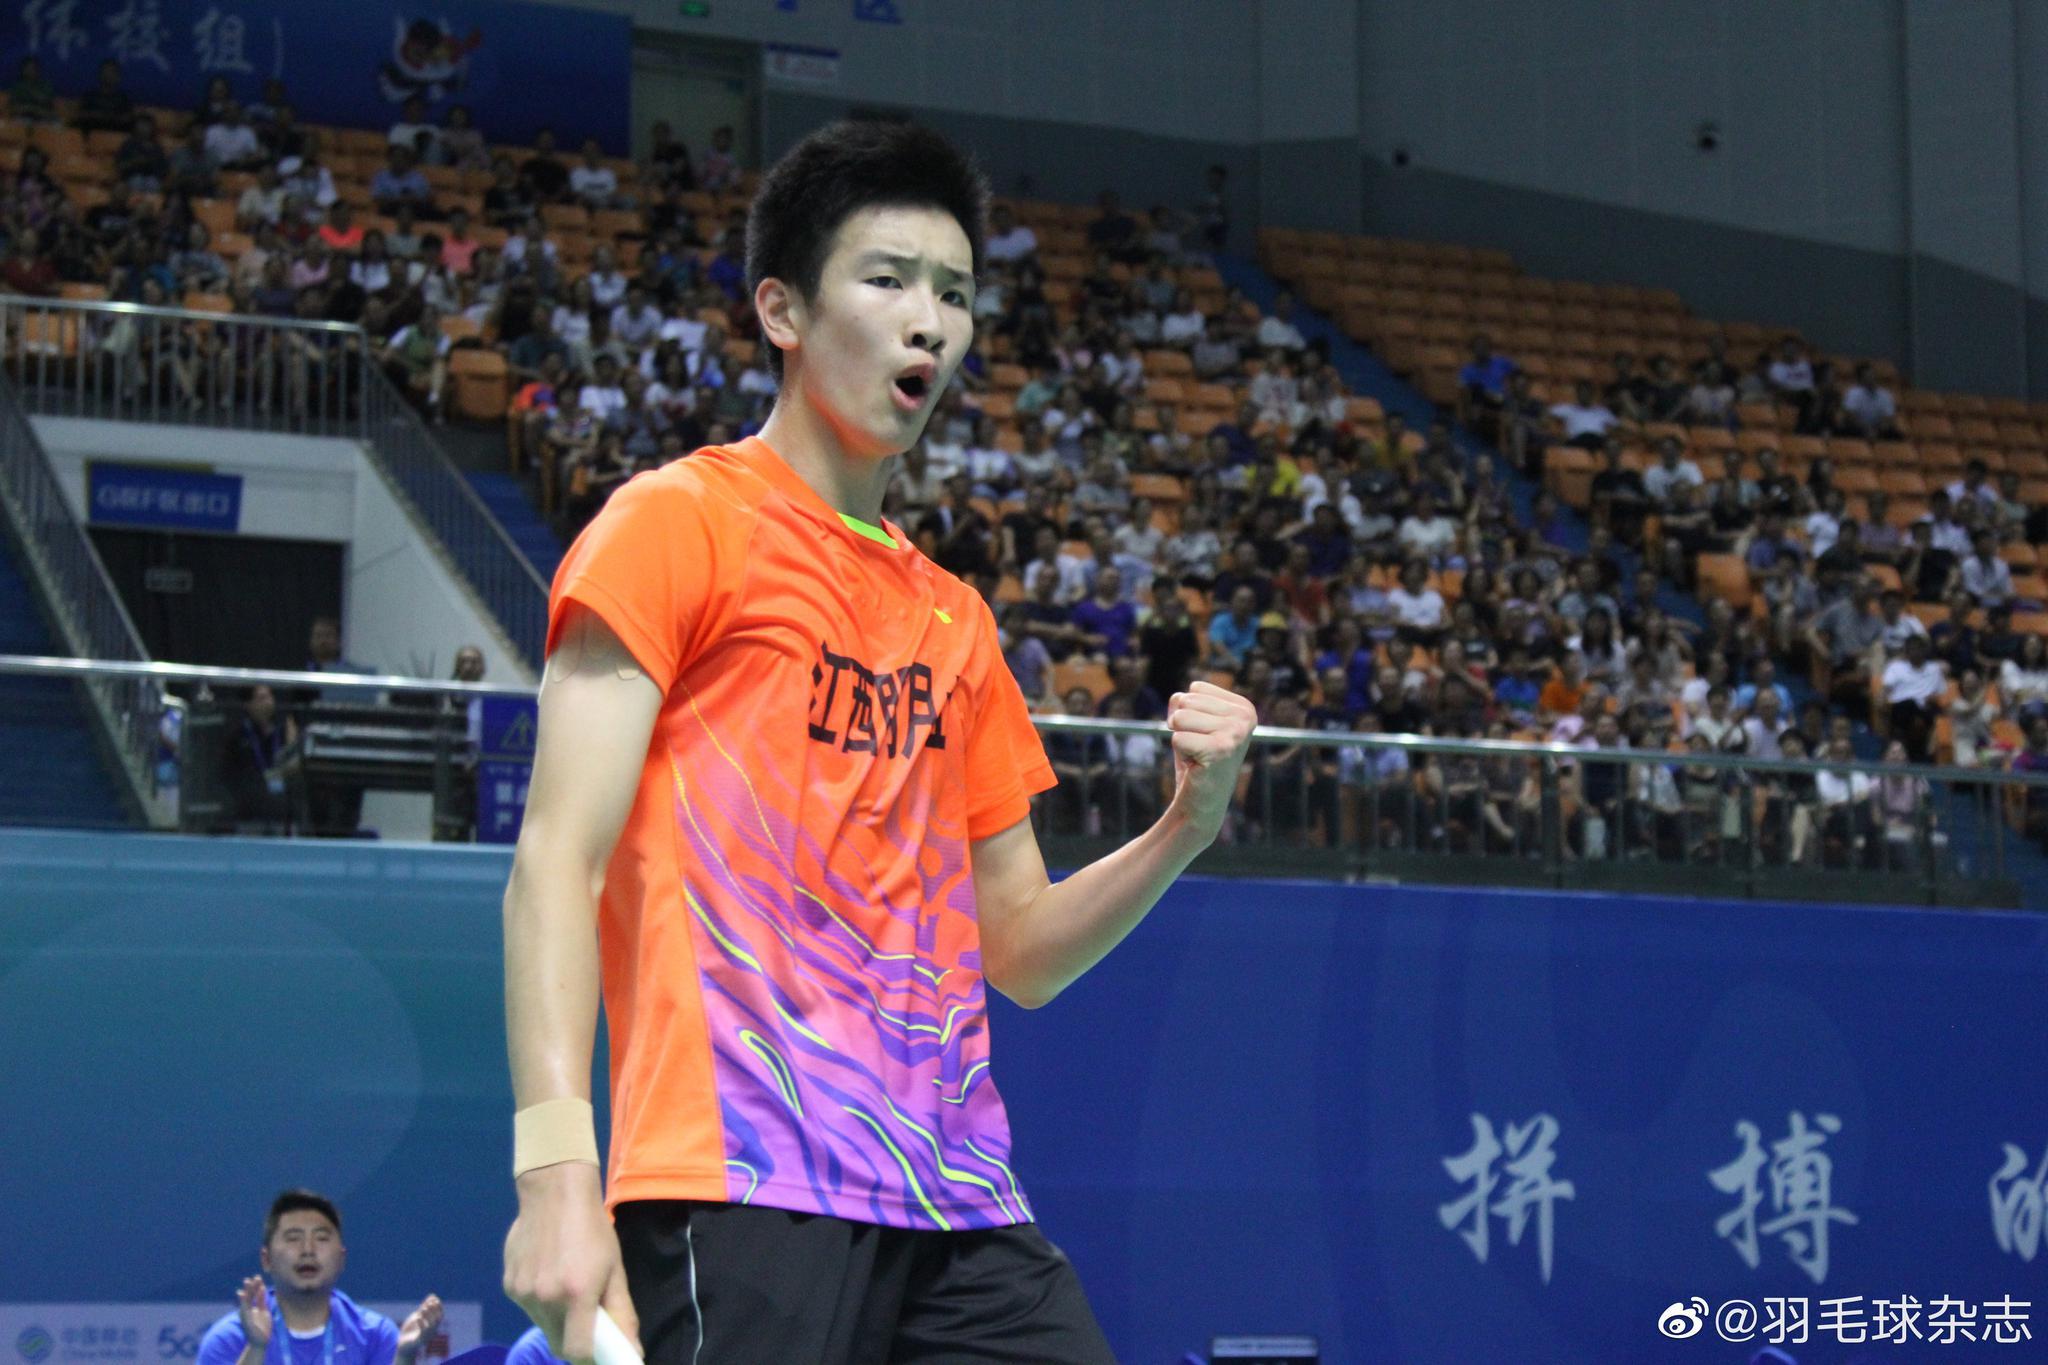 二青会羽毛球体校组单项赛最后一块金牌:甲组男单,李诗沣!